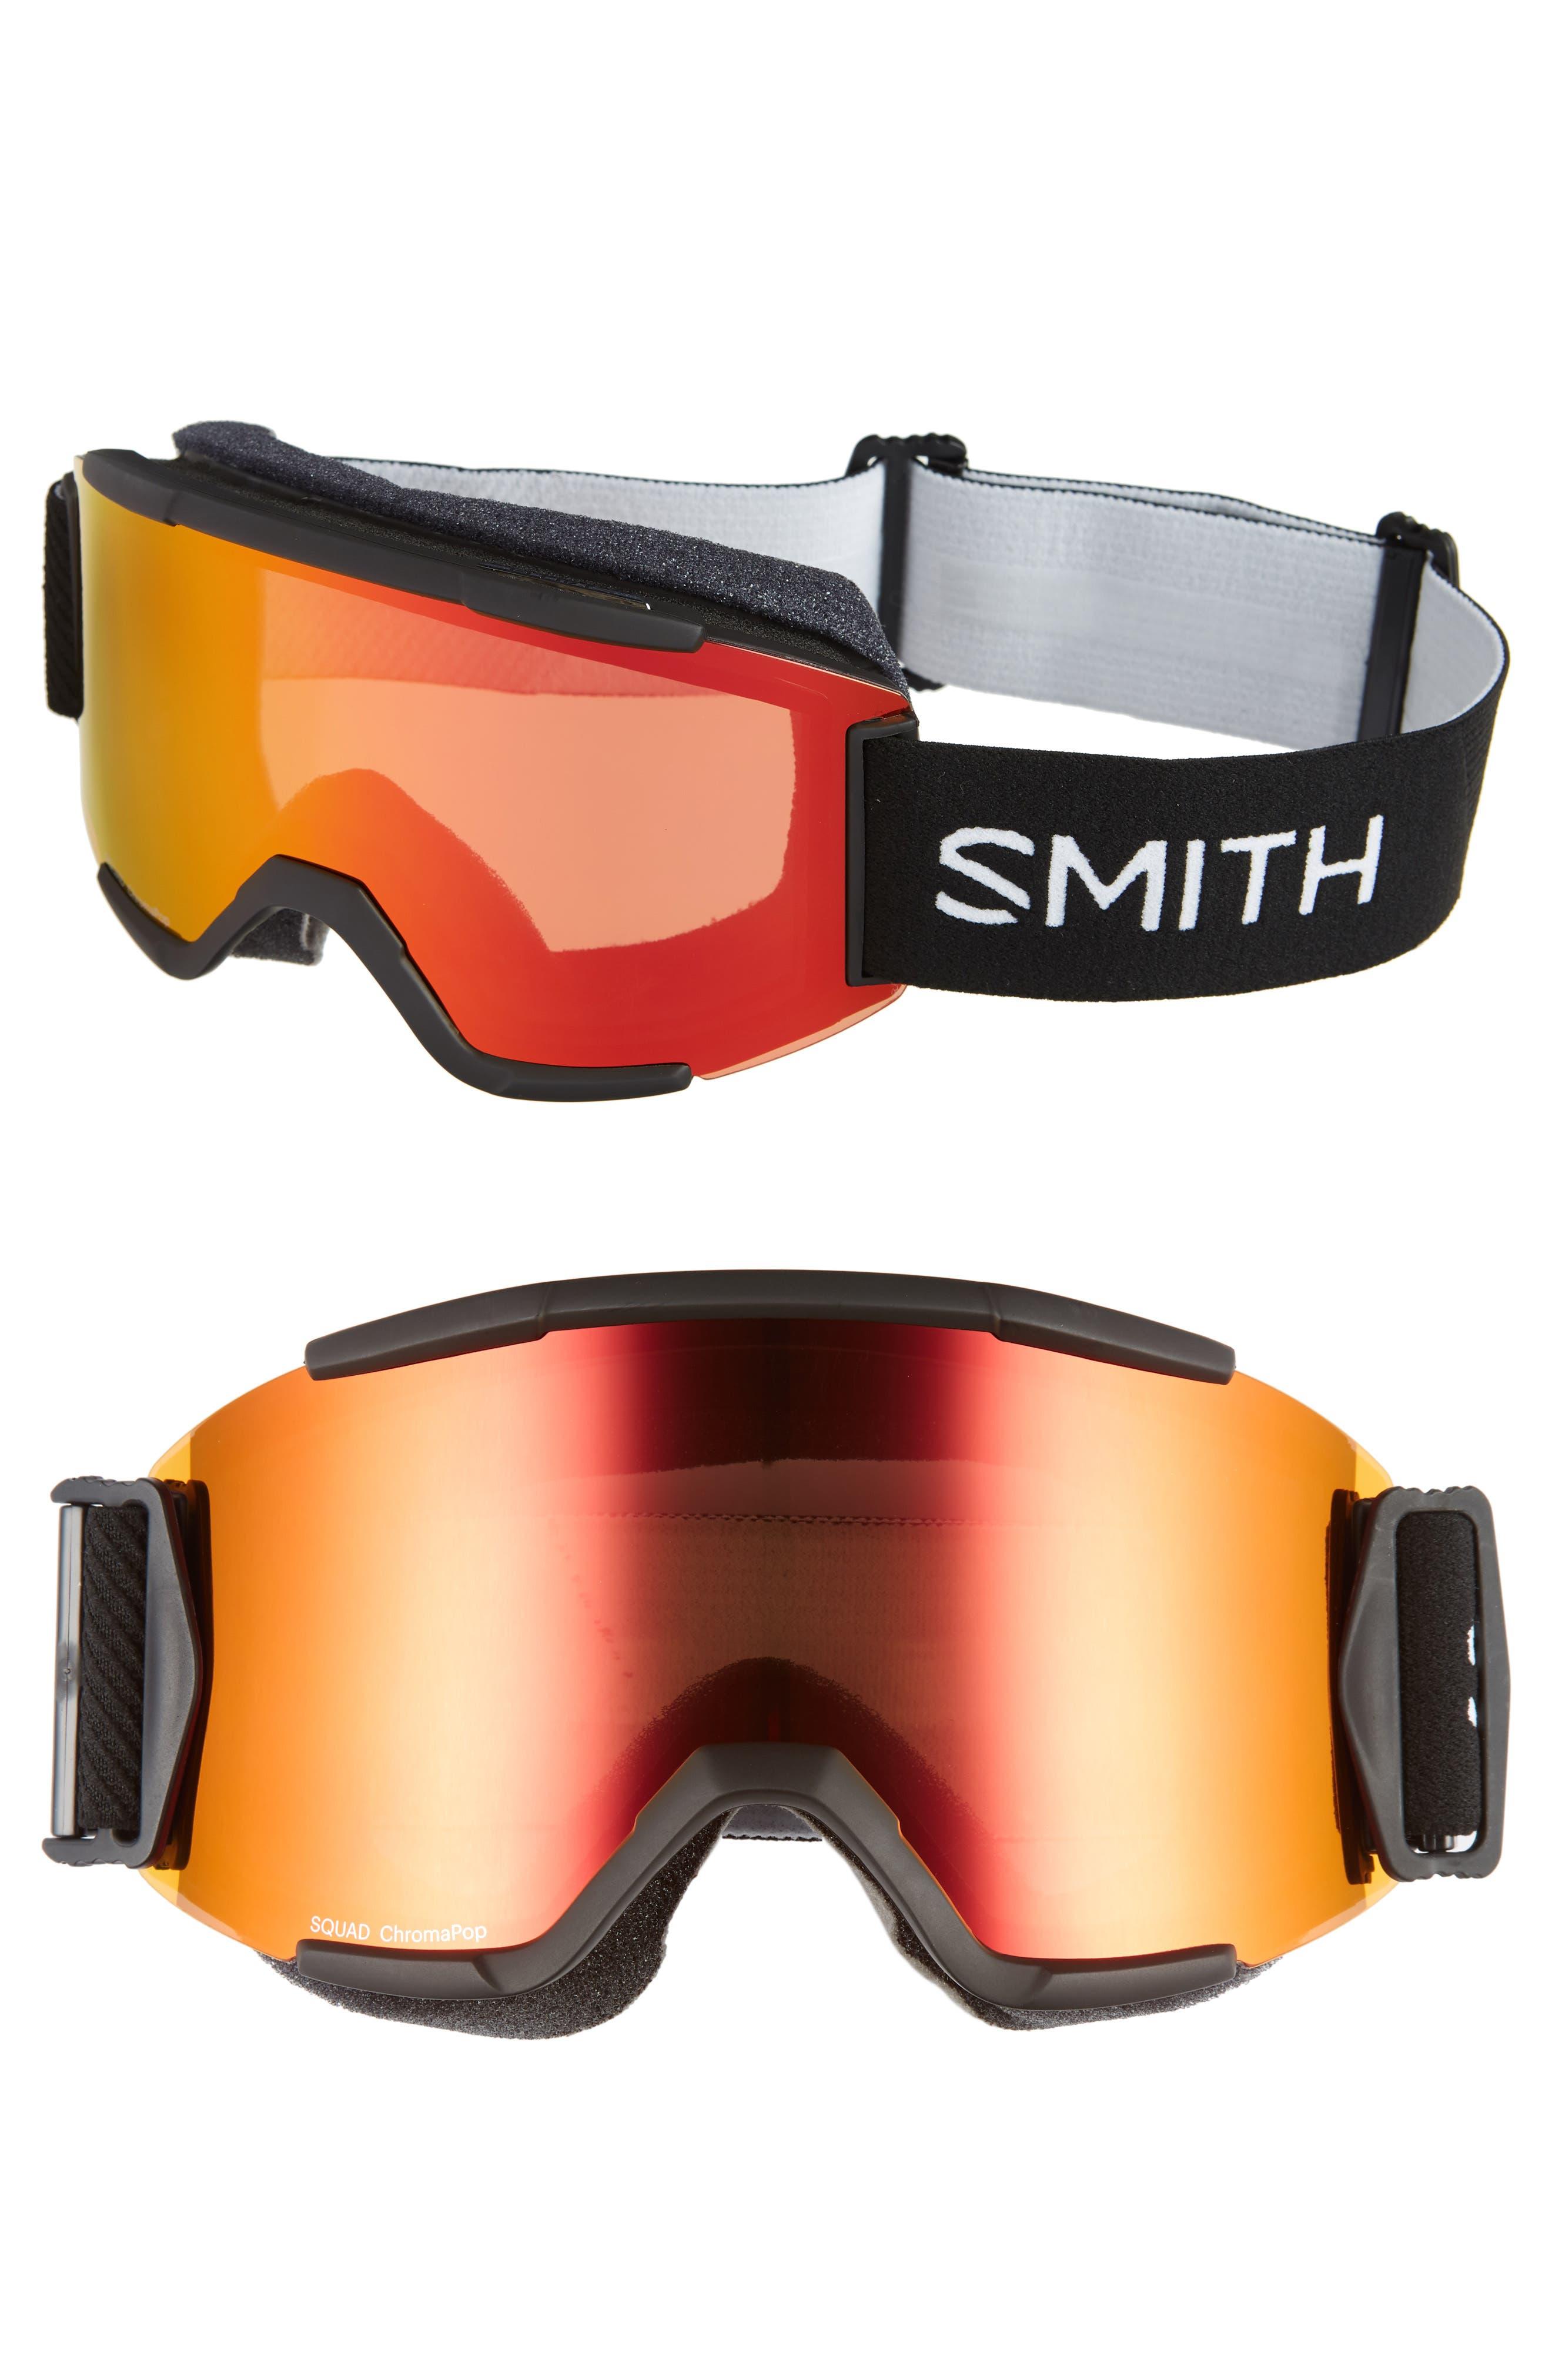 Squad Chromapop 165mm Snow Goggles,                         Main,                         color, BLACK